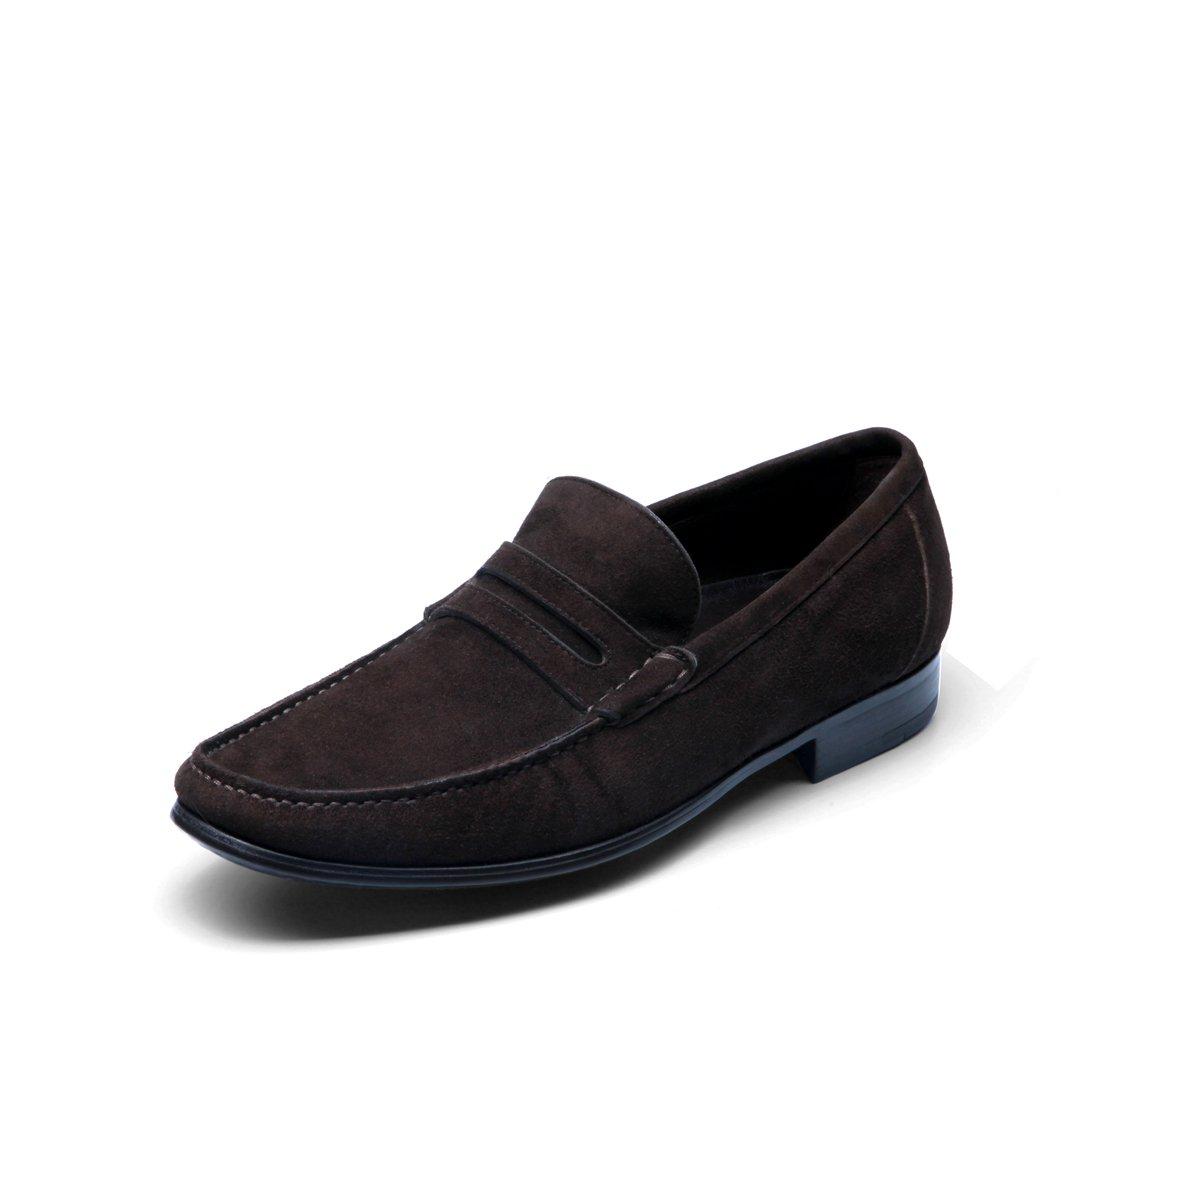 巴路士新品袋鼠皮一脚蹬简约商务鞋BI0210